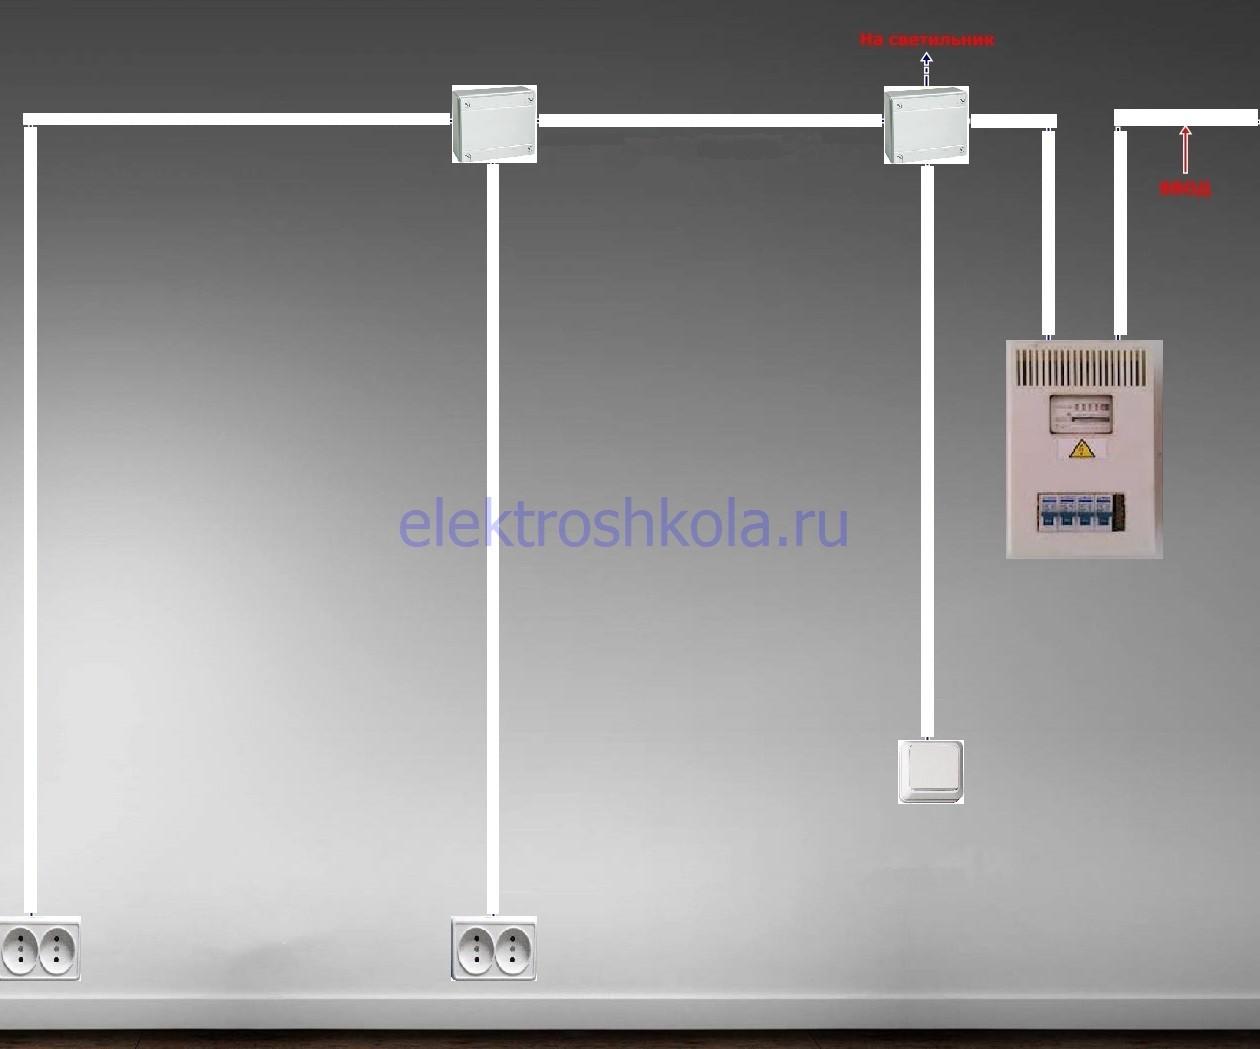 монтаж открытой электропроводки шаг - 3